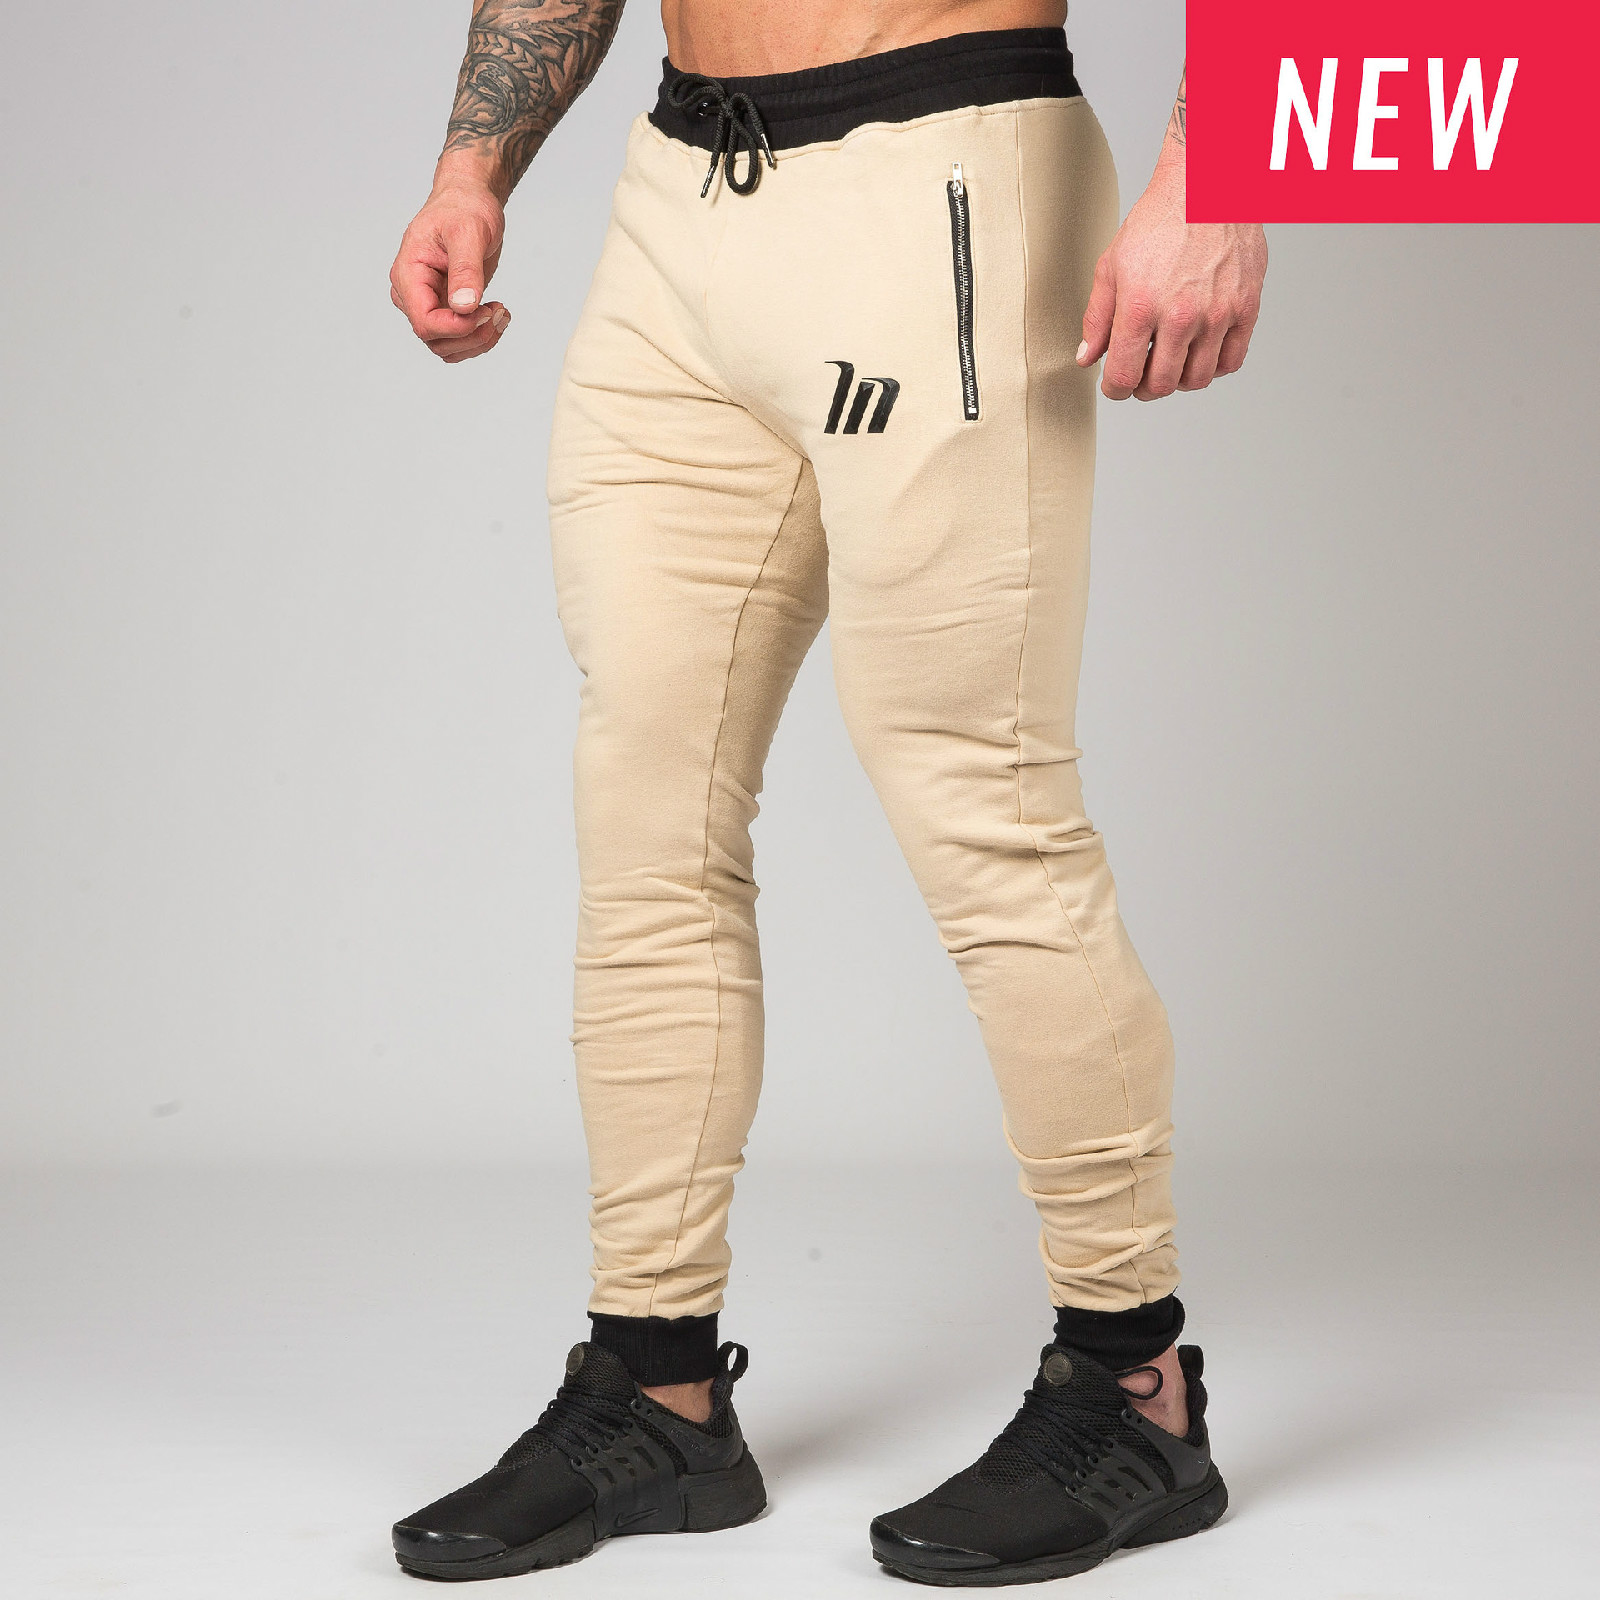 Newest Fashion Pants Men Gyms Clothing Men Joggers Homme Gyms Professional Bodybuilding Sweatpant 6 Colors